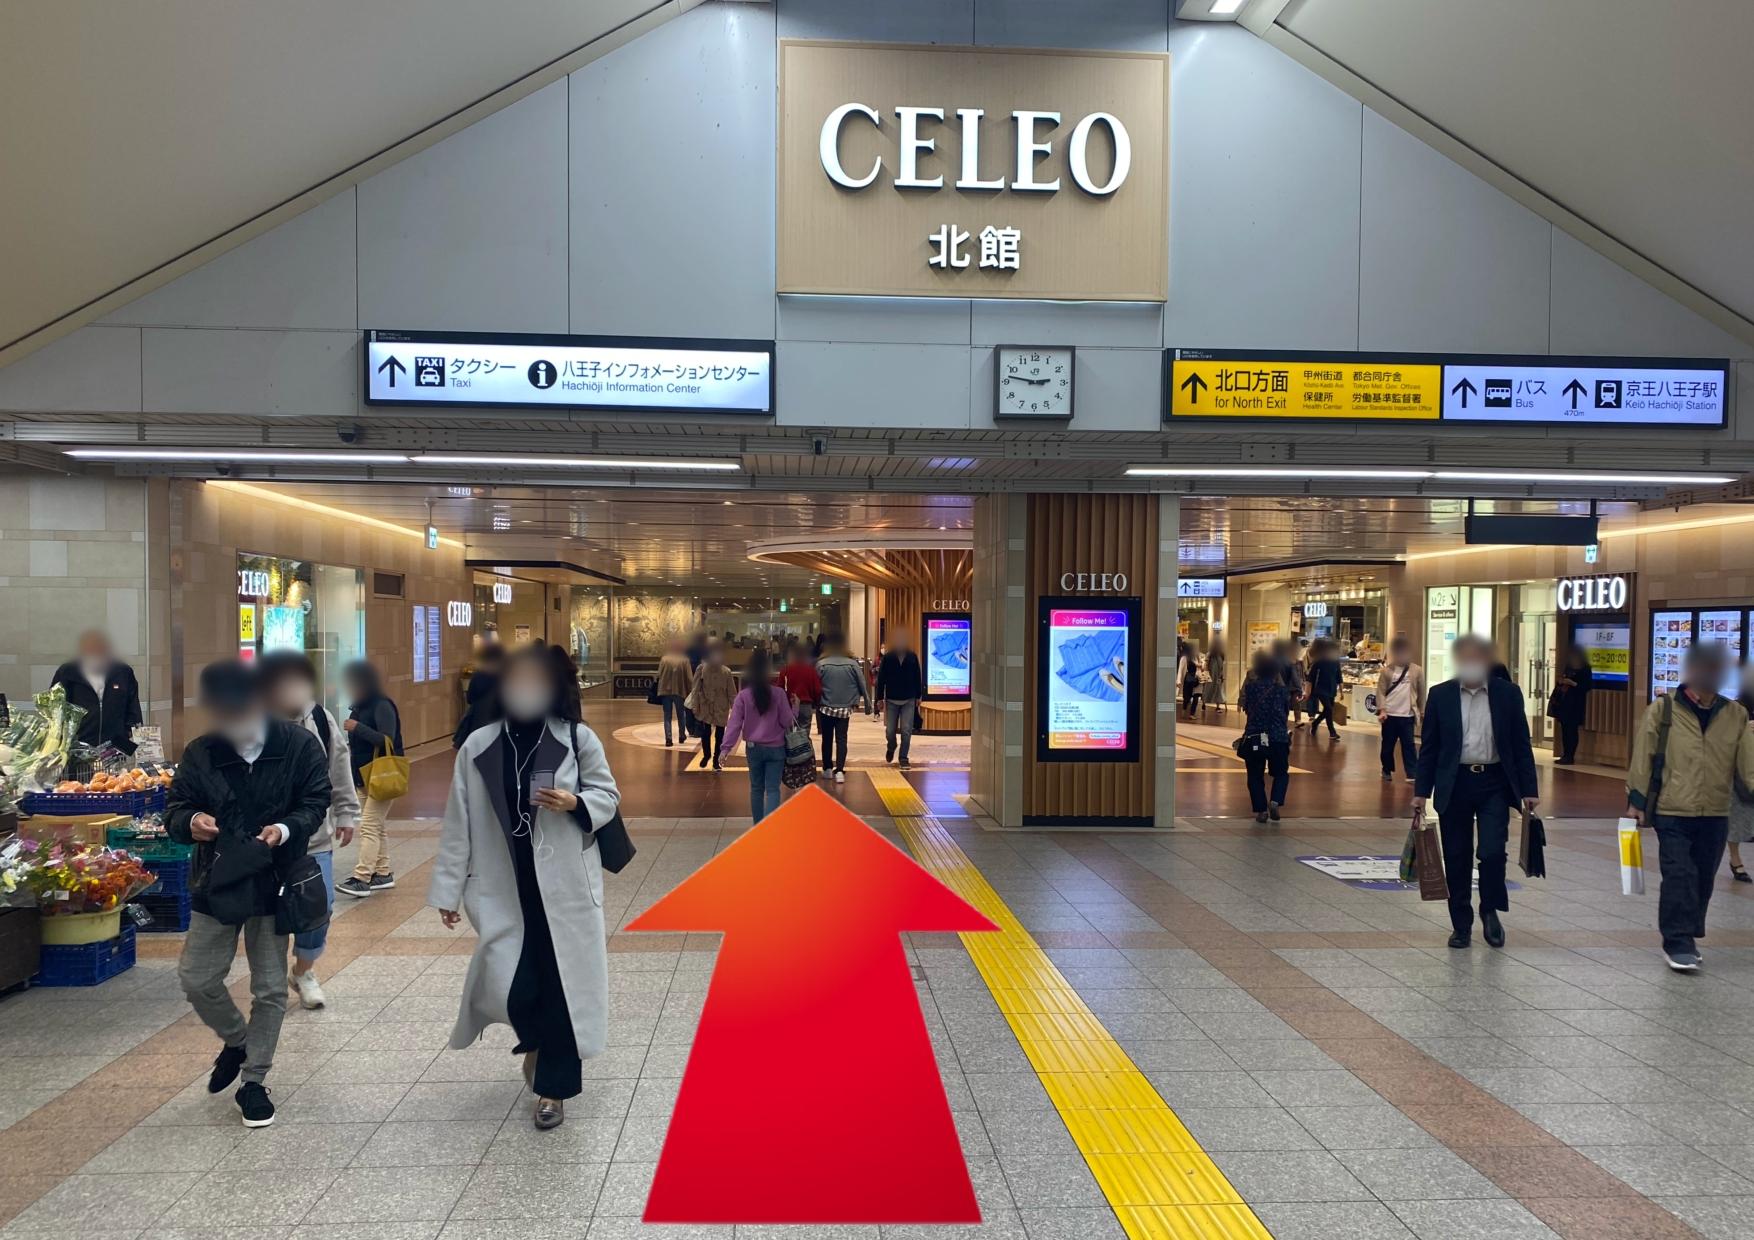 金・ダイヤ・ブランド品・時計を売るなら - 京王電鉄「八王子」駅からの道順2